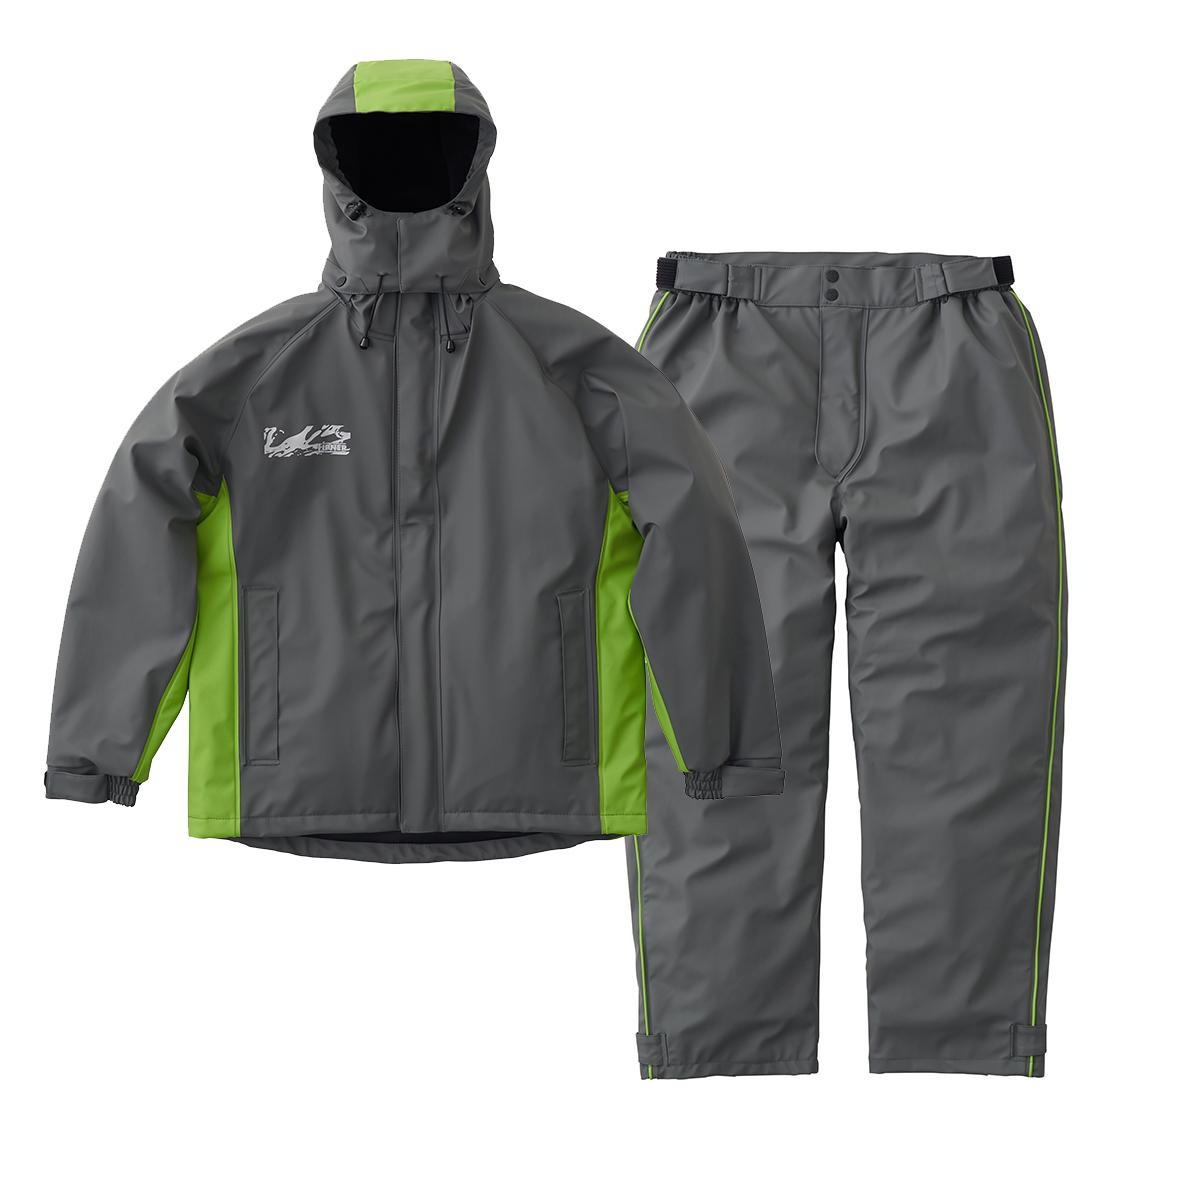 超耐水防水防寒スーツ パメラ